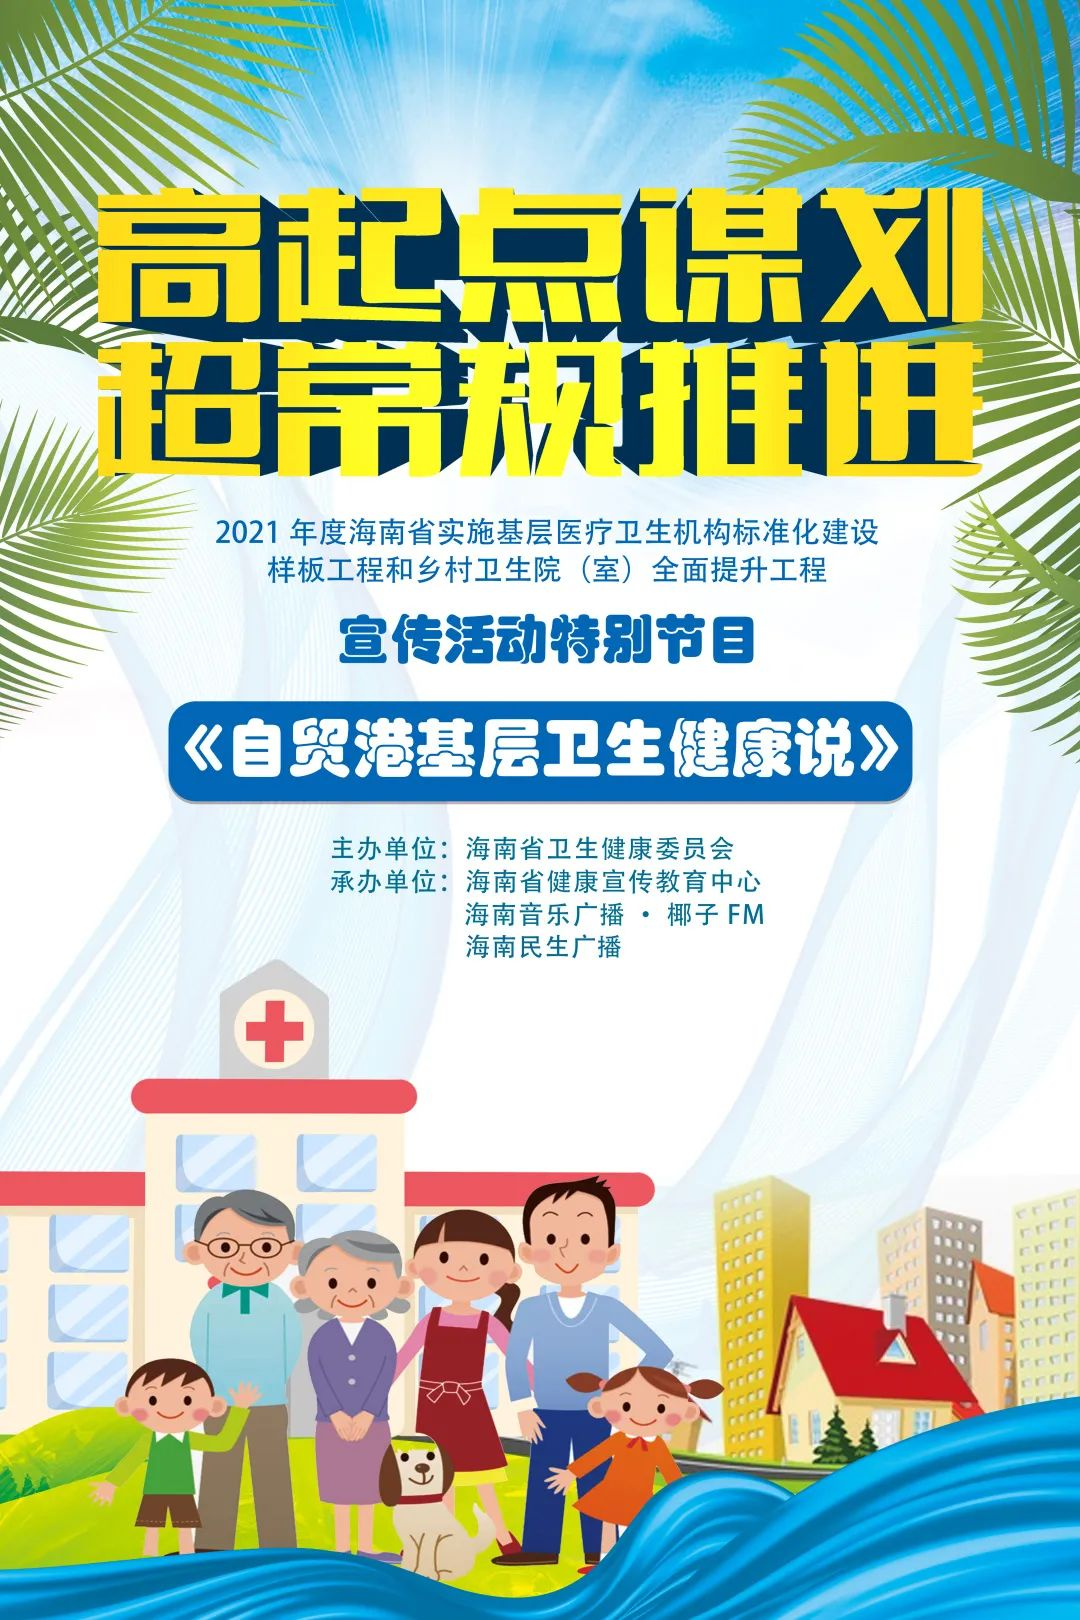 《自贸港基层卫生健康说》第5期丨我省65岁以上的常住居民,可免费享受政府这项健康管理!